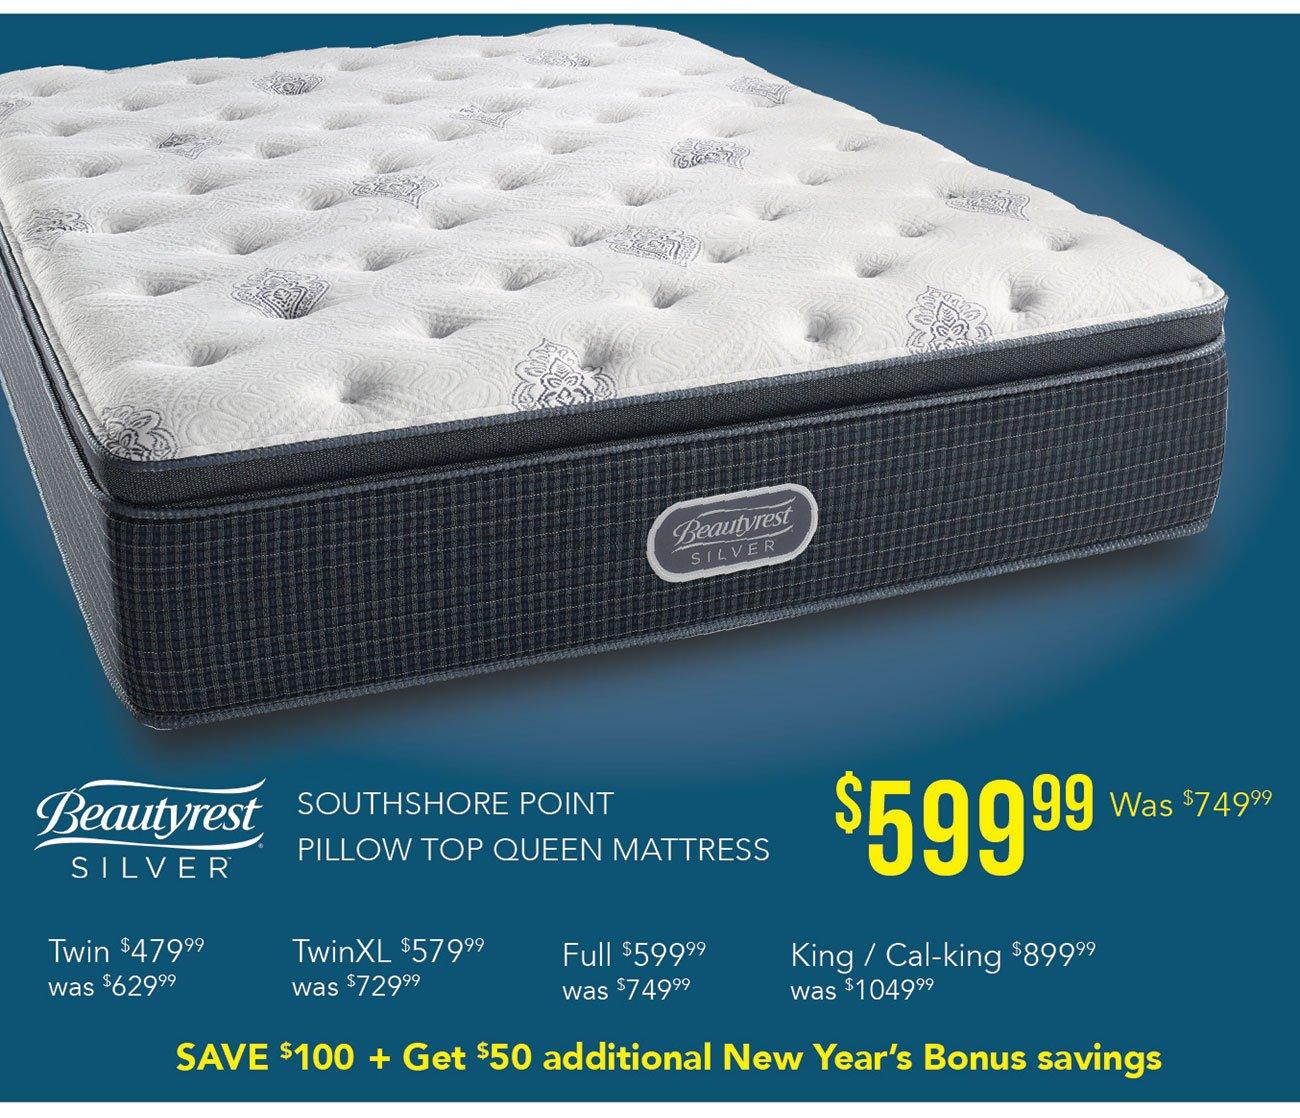 Beautyrest-silver-mattress